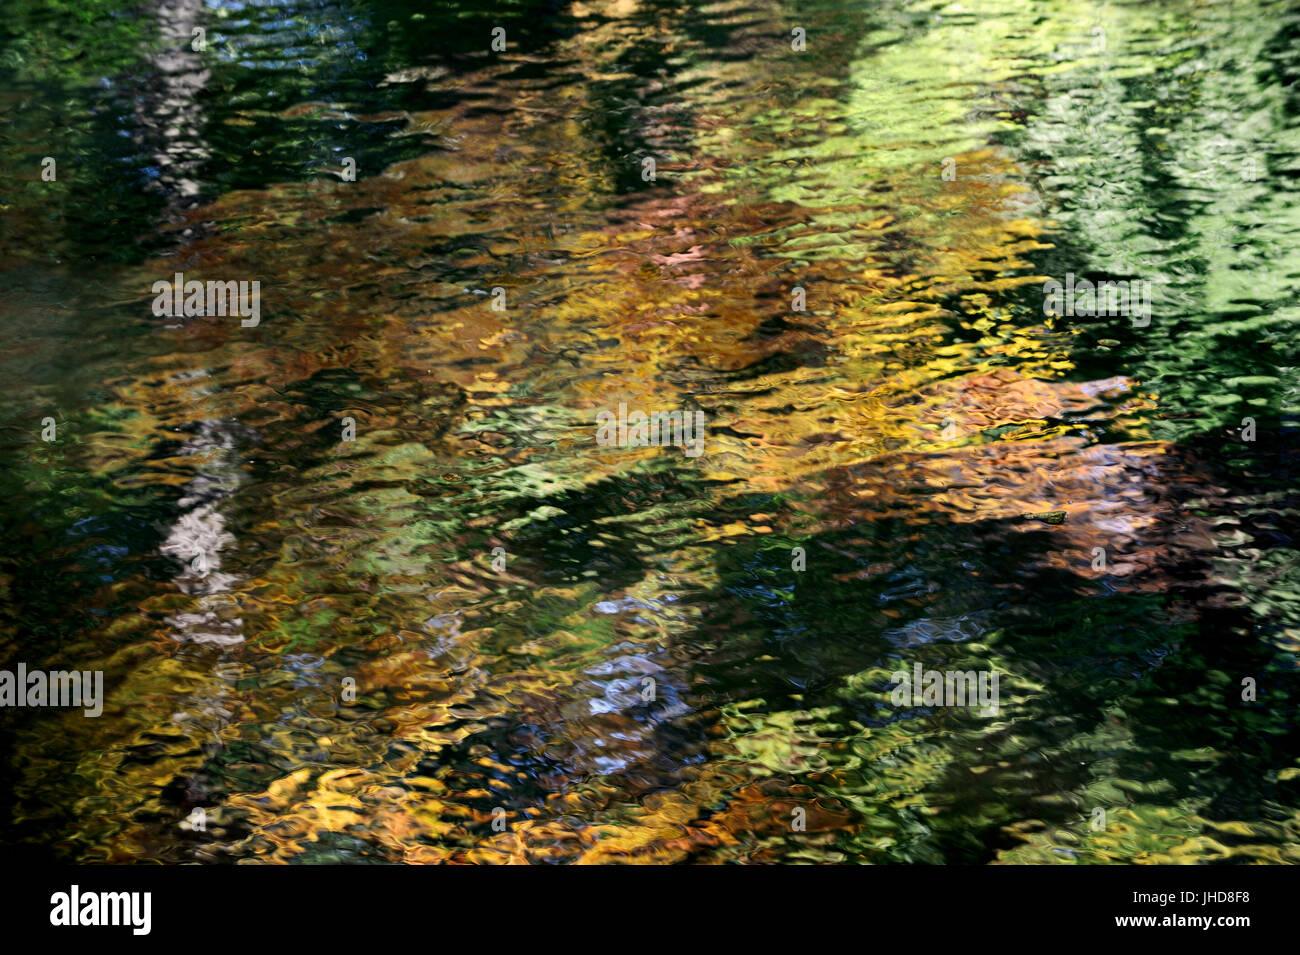 Trees mirrored in water, North Rhine-Westphalia, Germany   Baeume spiegeln sich im Wasser, Nordrhein-Westfalen, - Stock Image